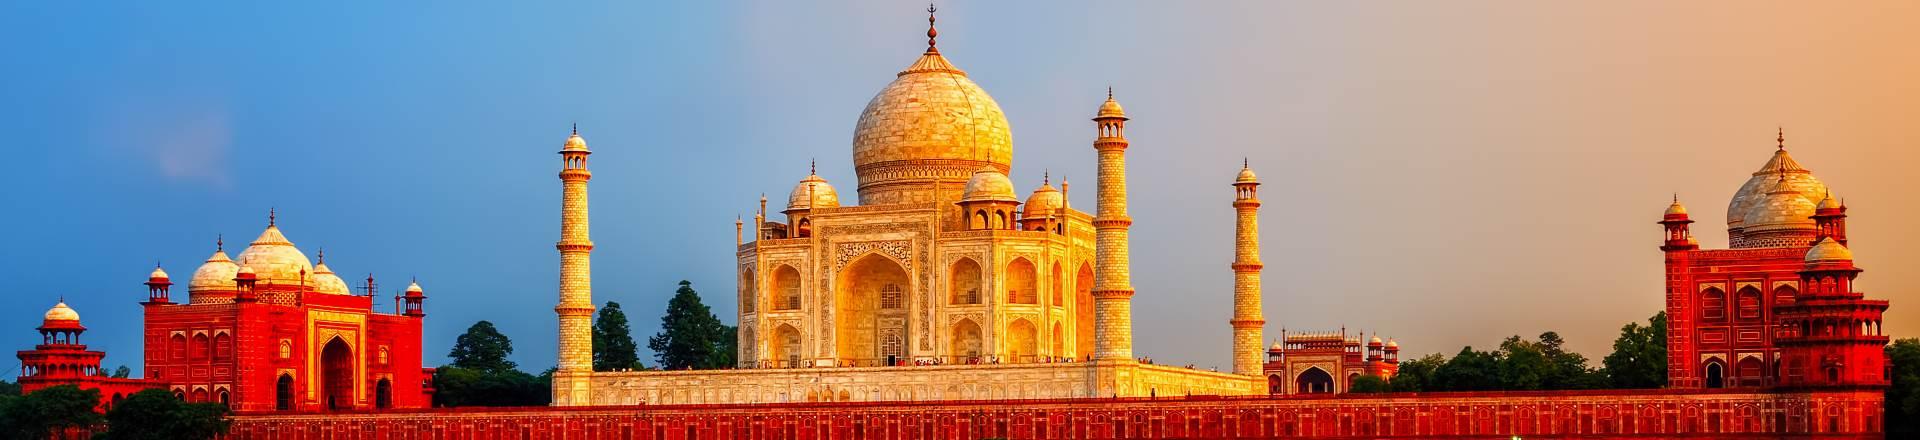 geriausios prekybos galimybės indijoje)